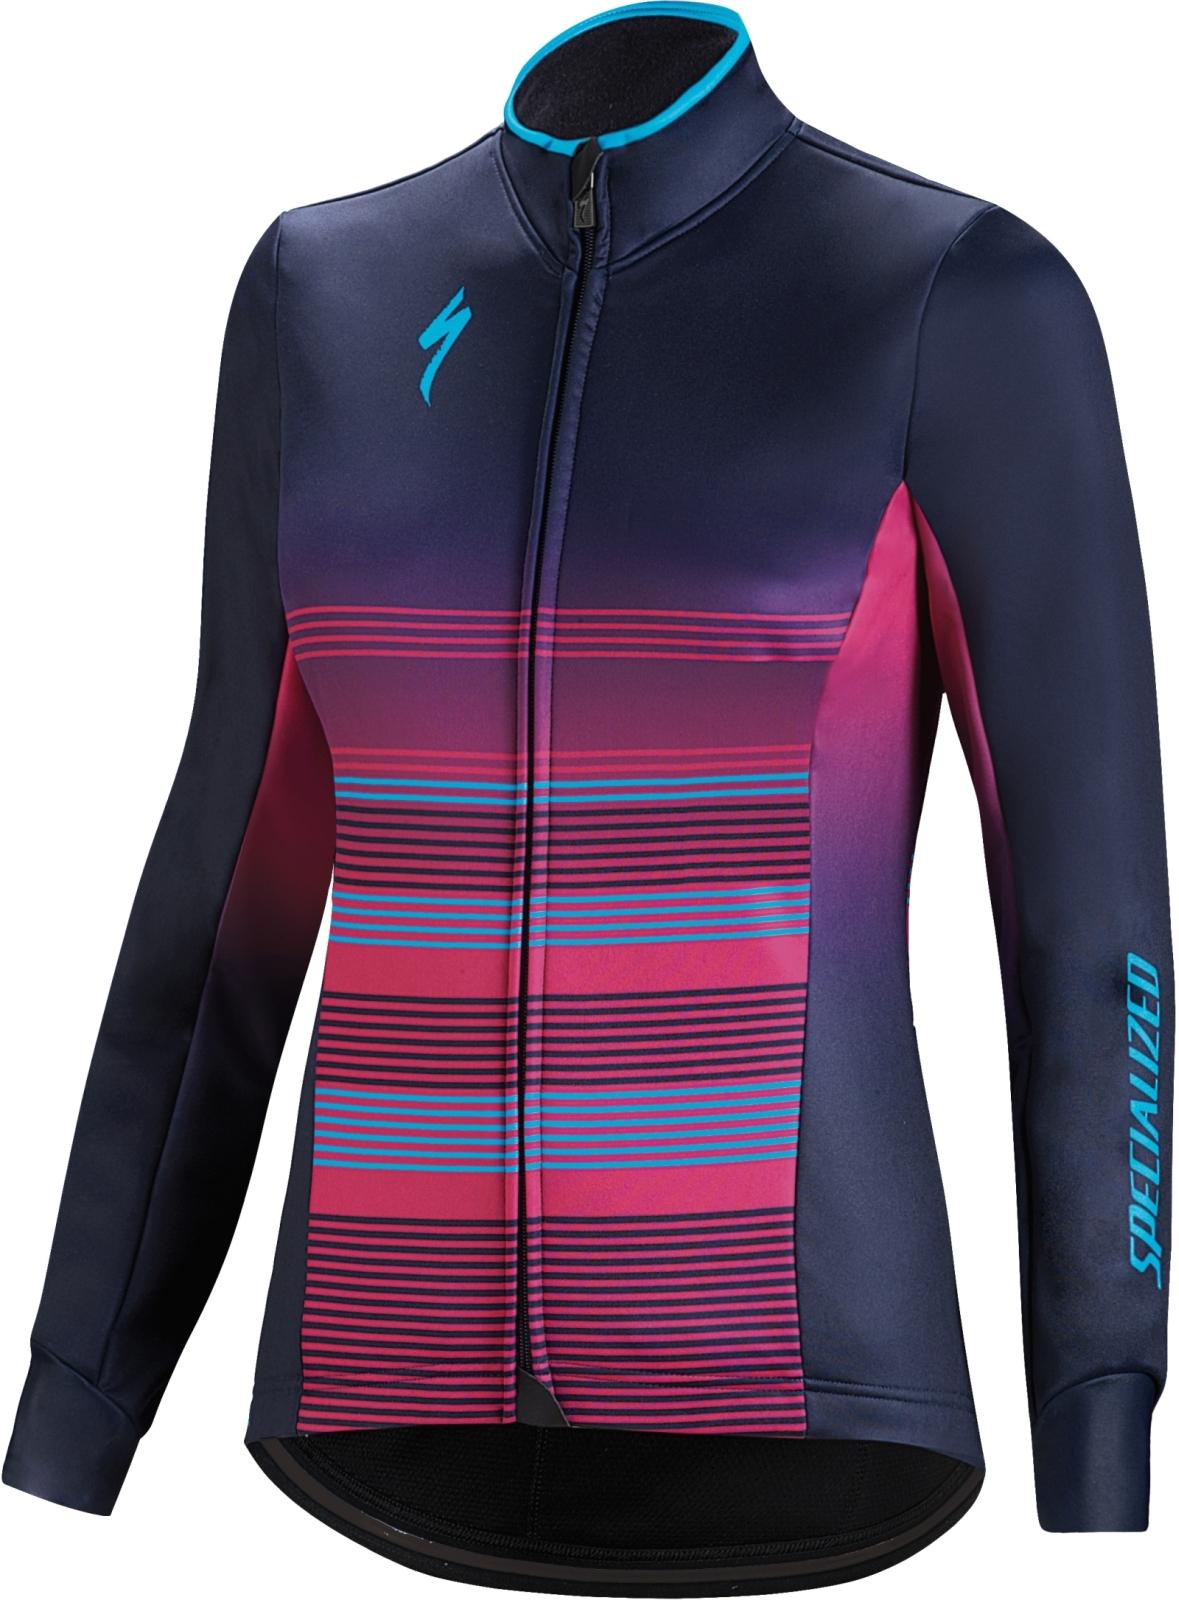 c8fb72af5 Dámská cyklistická bunda Specialized Element Rbx Comp Logo Wmn Jacket -  blue/violet/neon blue